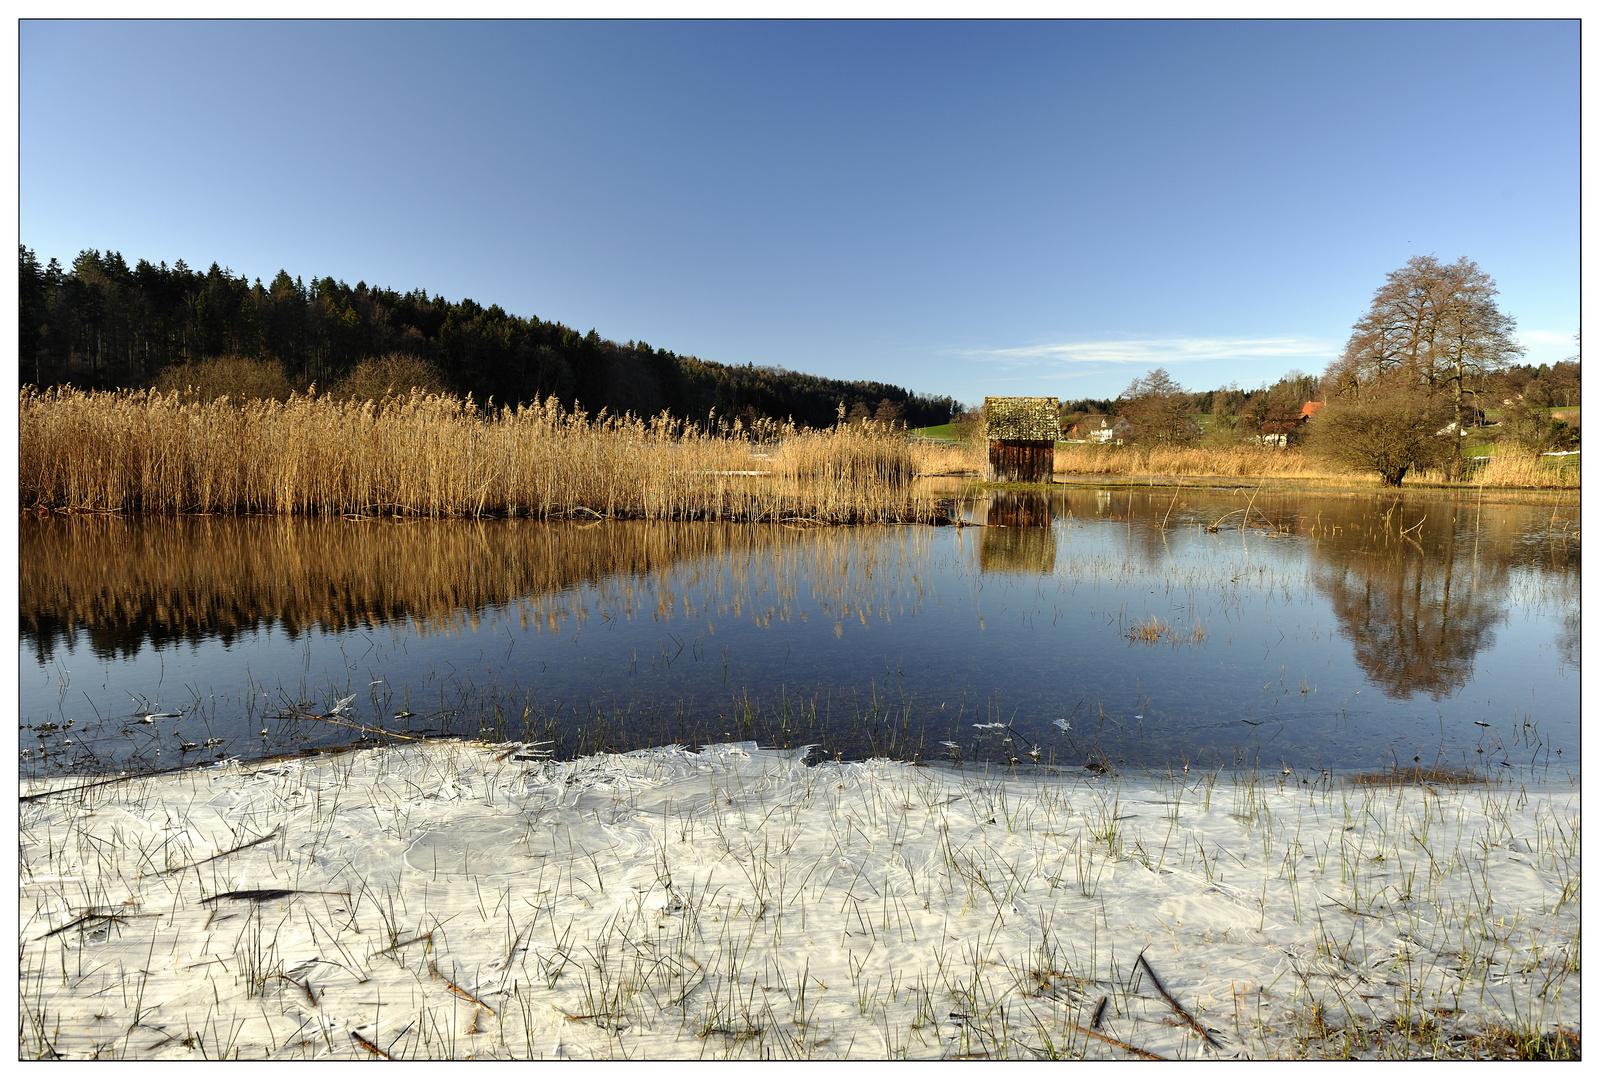 Winter im Flachland